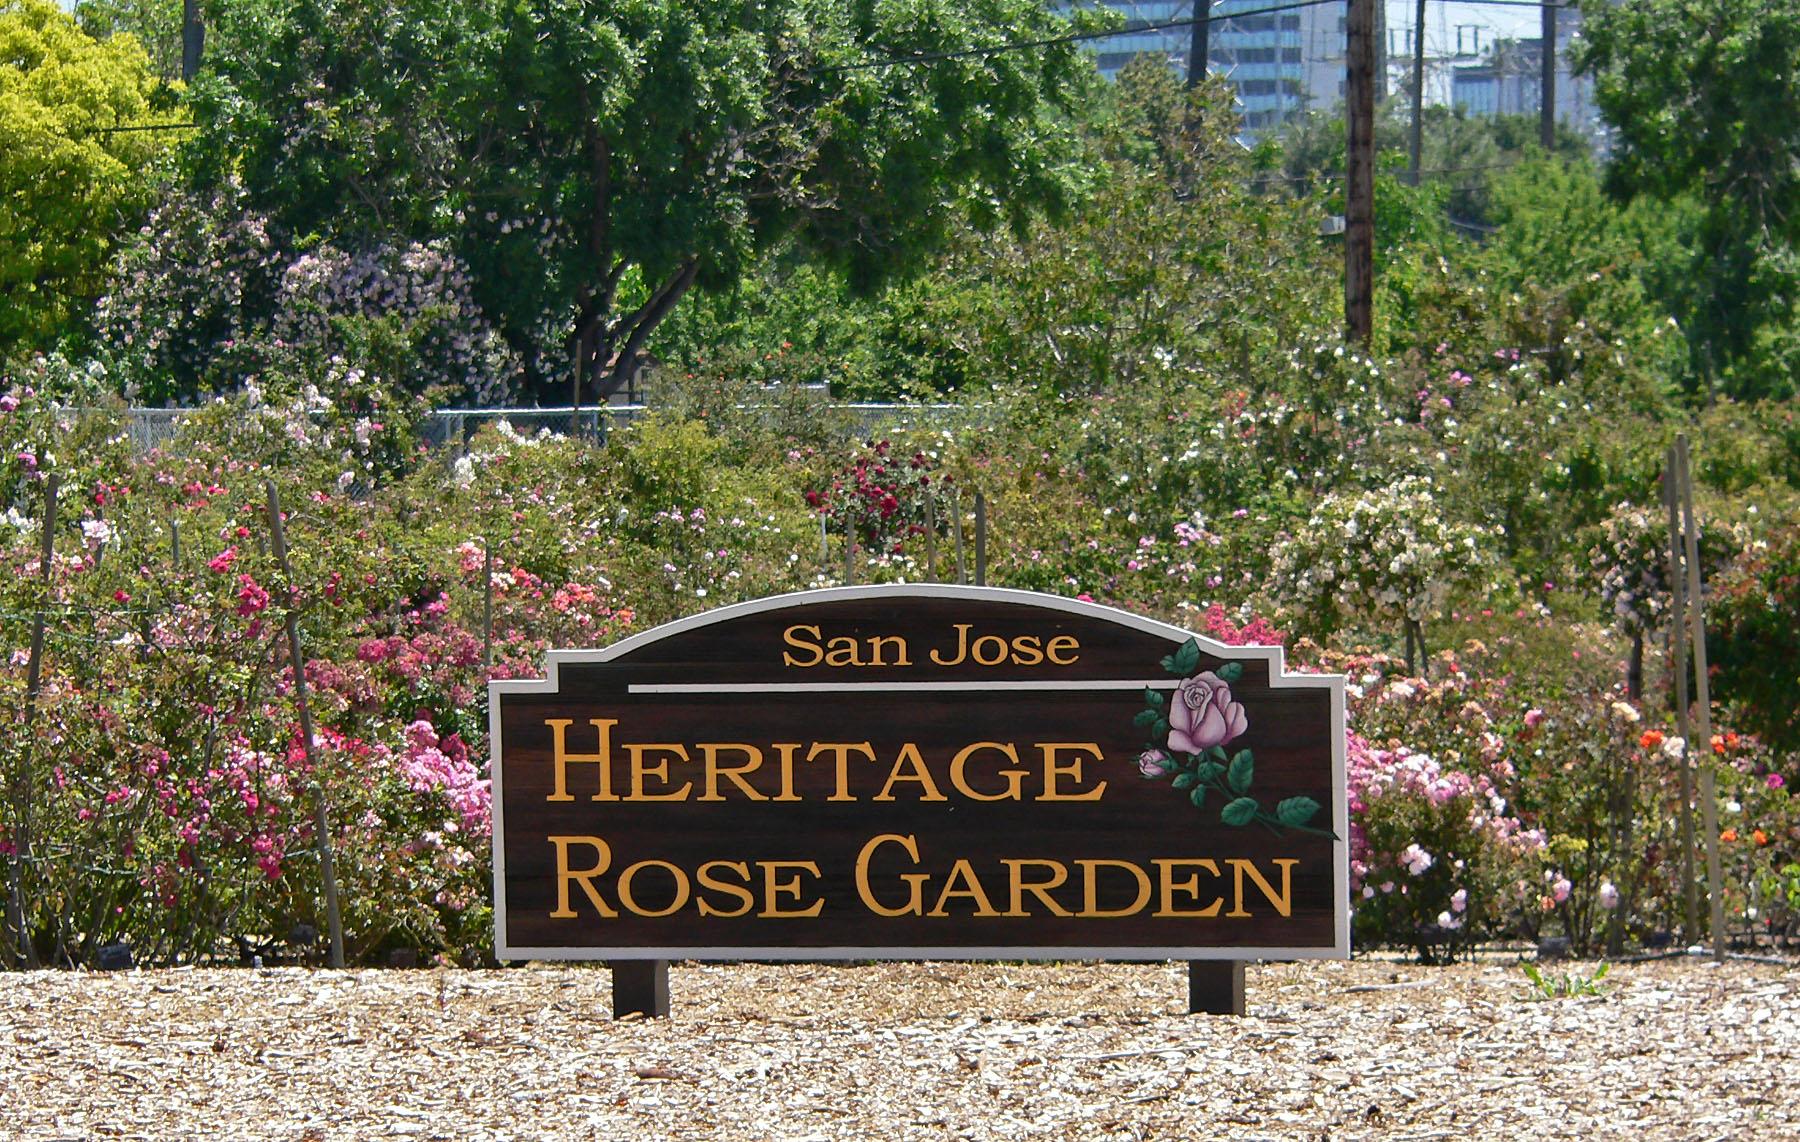 San Jose Heritage Rose Garden view 1.jpg